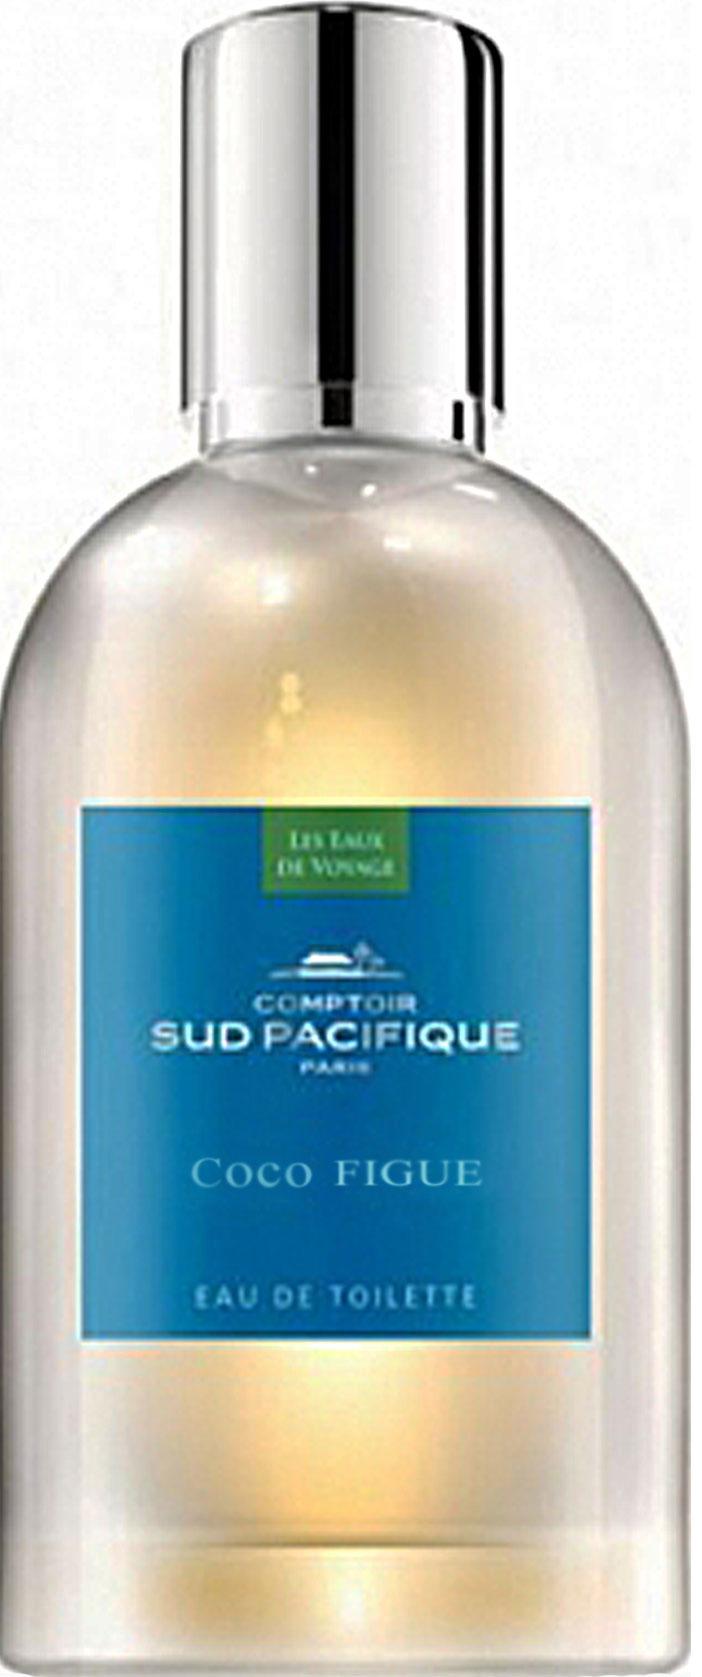 Comptoir Sud Pacifique Coco Figue туалетная вода 30мл (Сюд Пасифик Кокосовый Инжир)